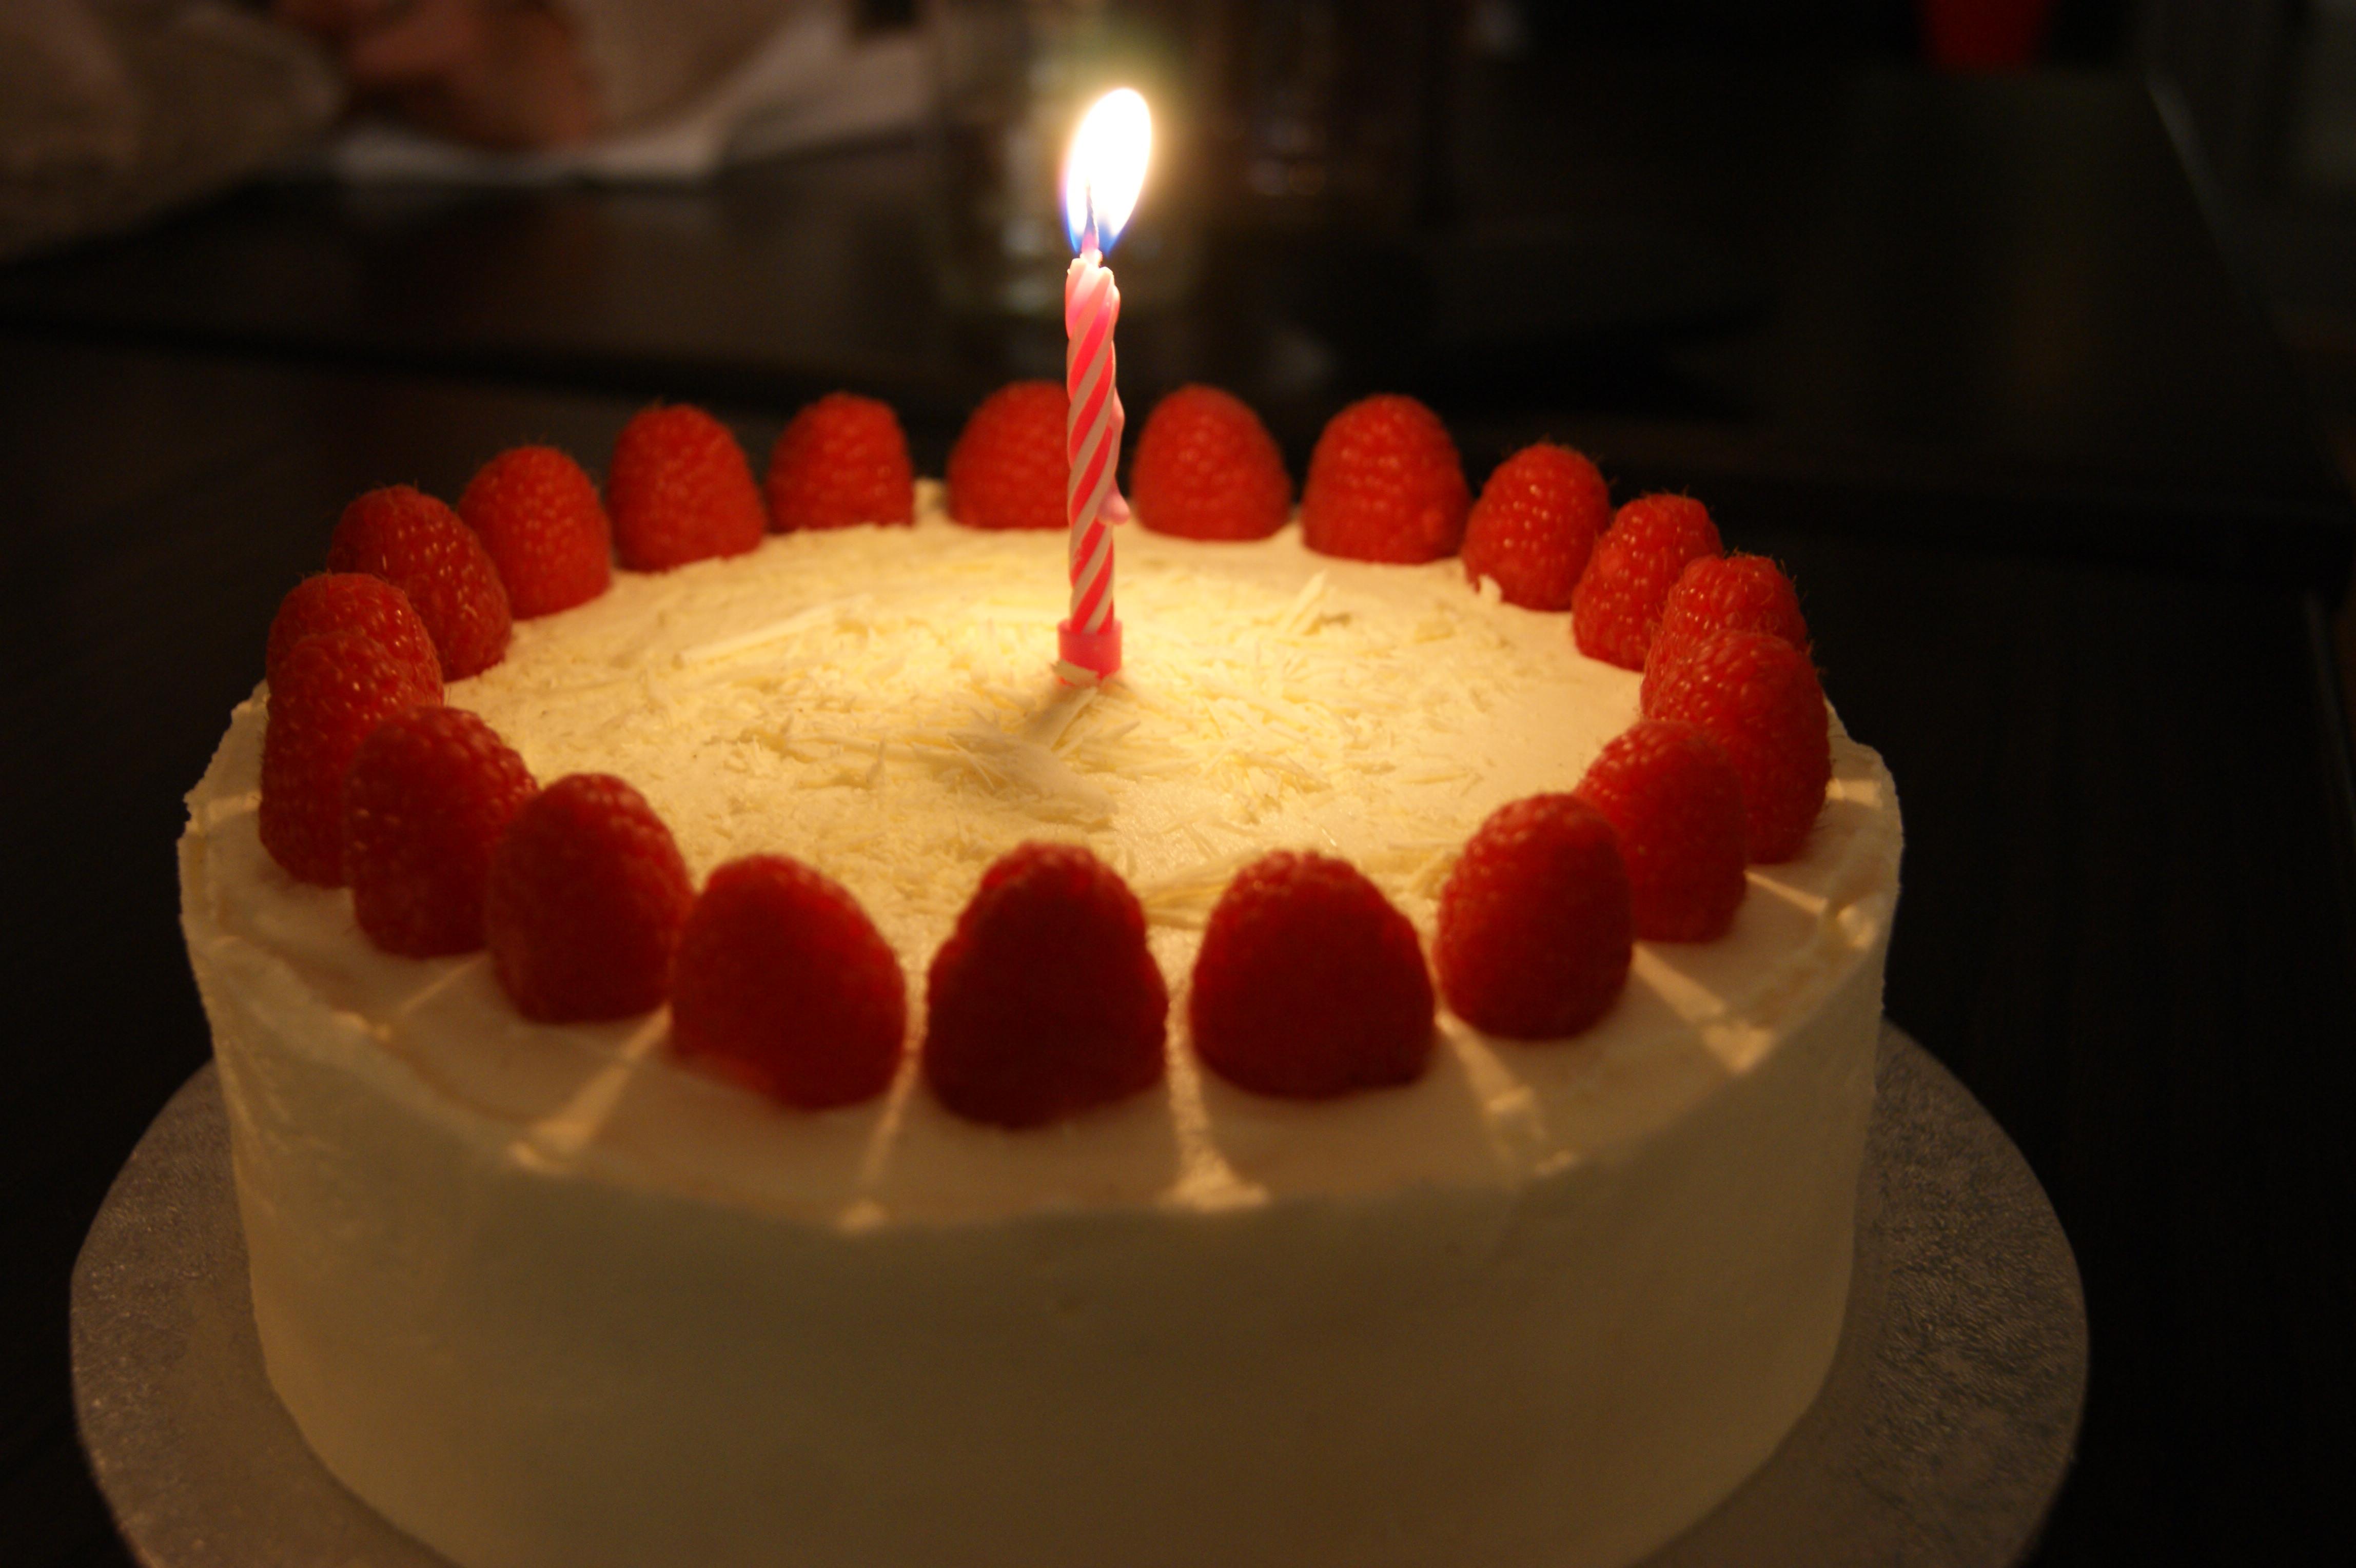 Vanilla raspberry and white chocolate birthday cake for my sister